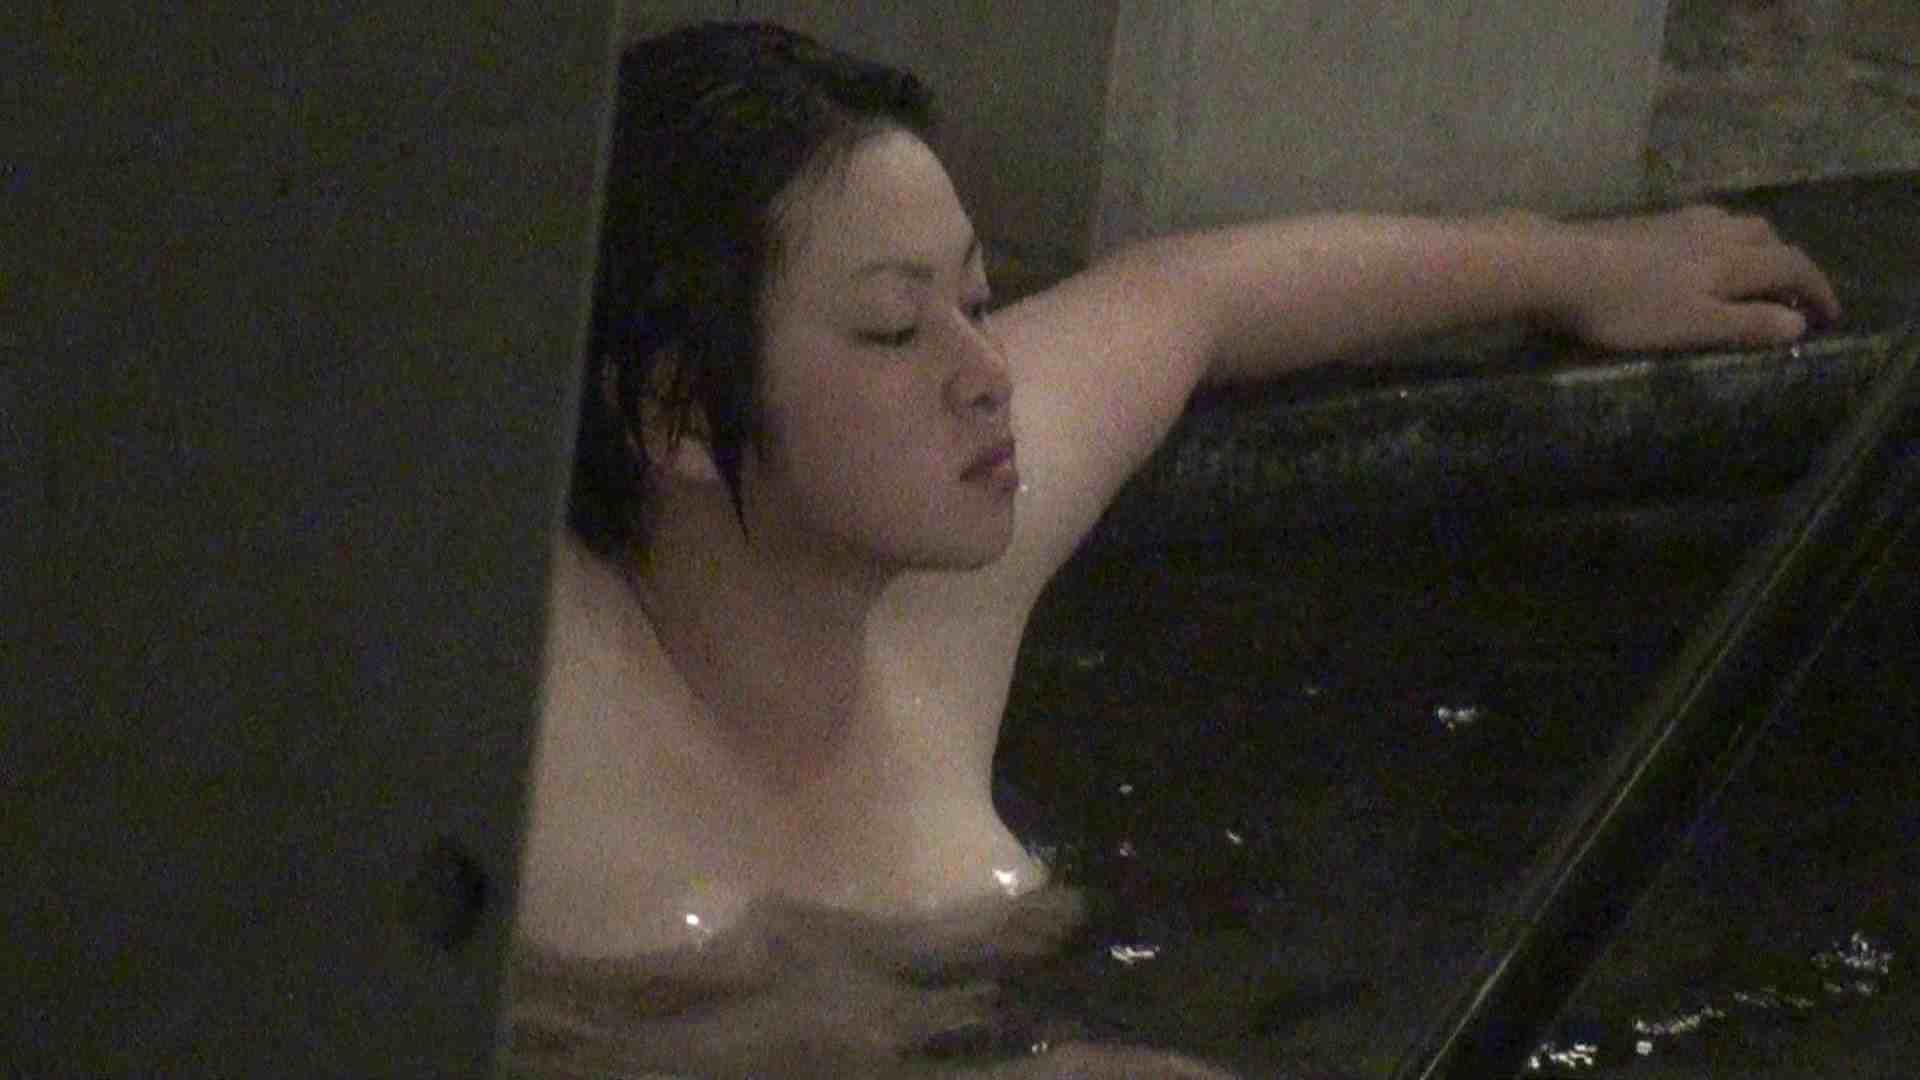 Aquaな露天風呂Vol.338 エッチな盗撮 エロ画像 101pic 53